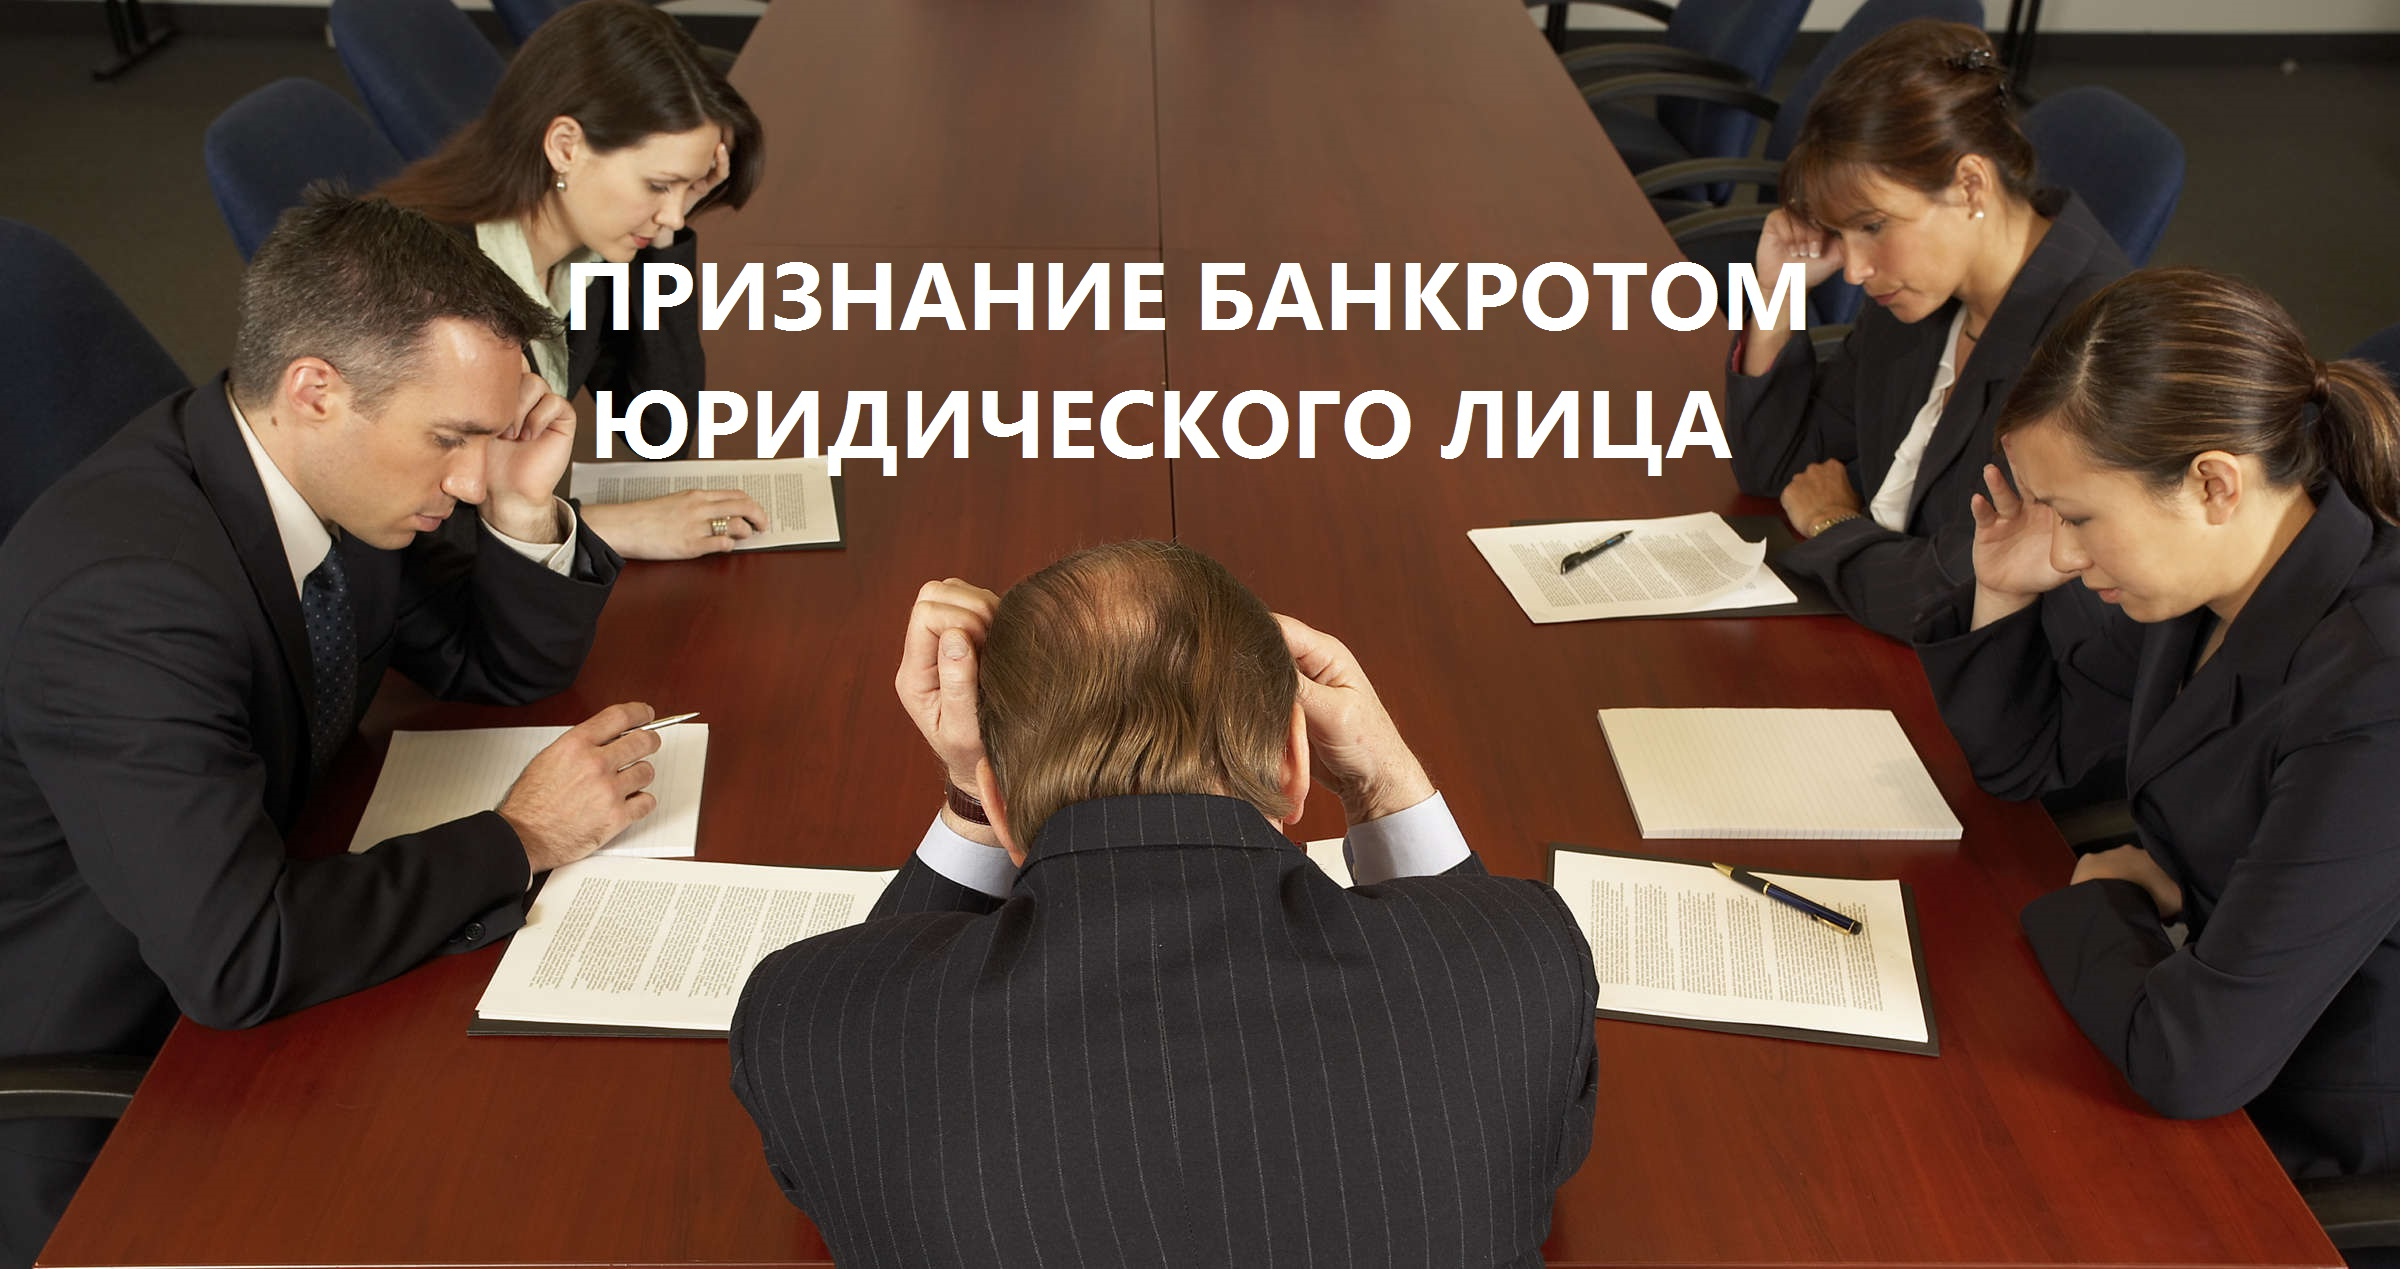 консультация юриста по банкротству юридических лиц